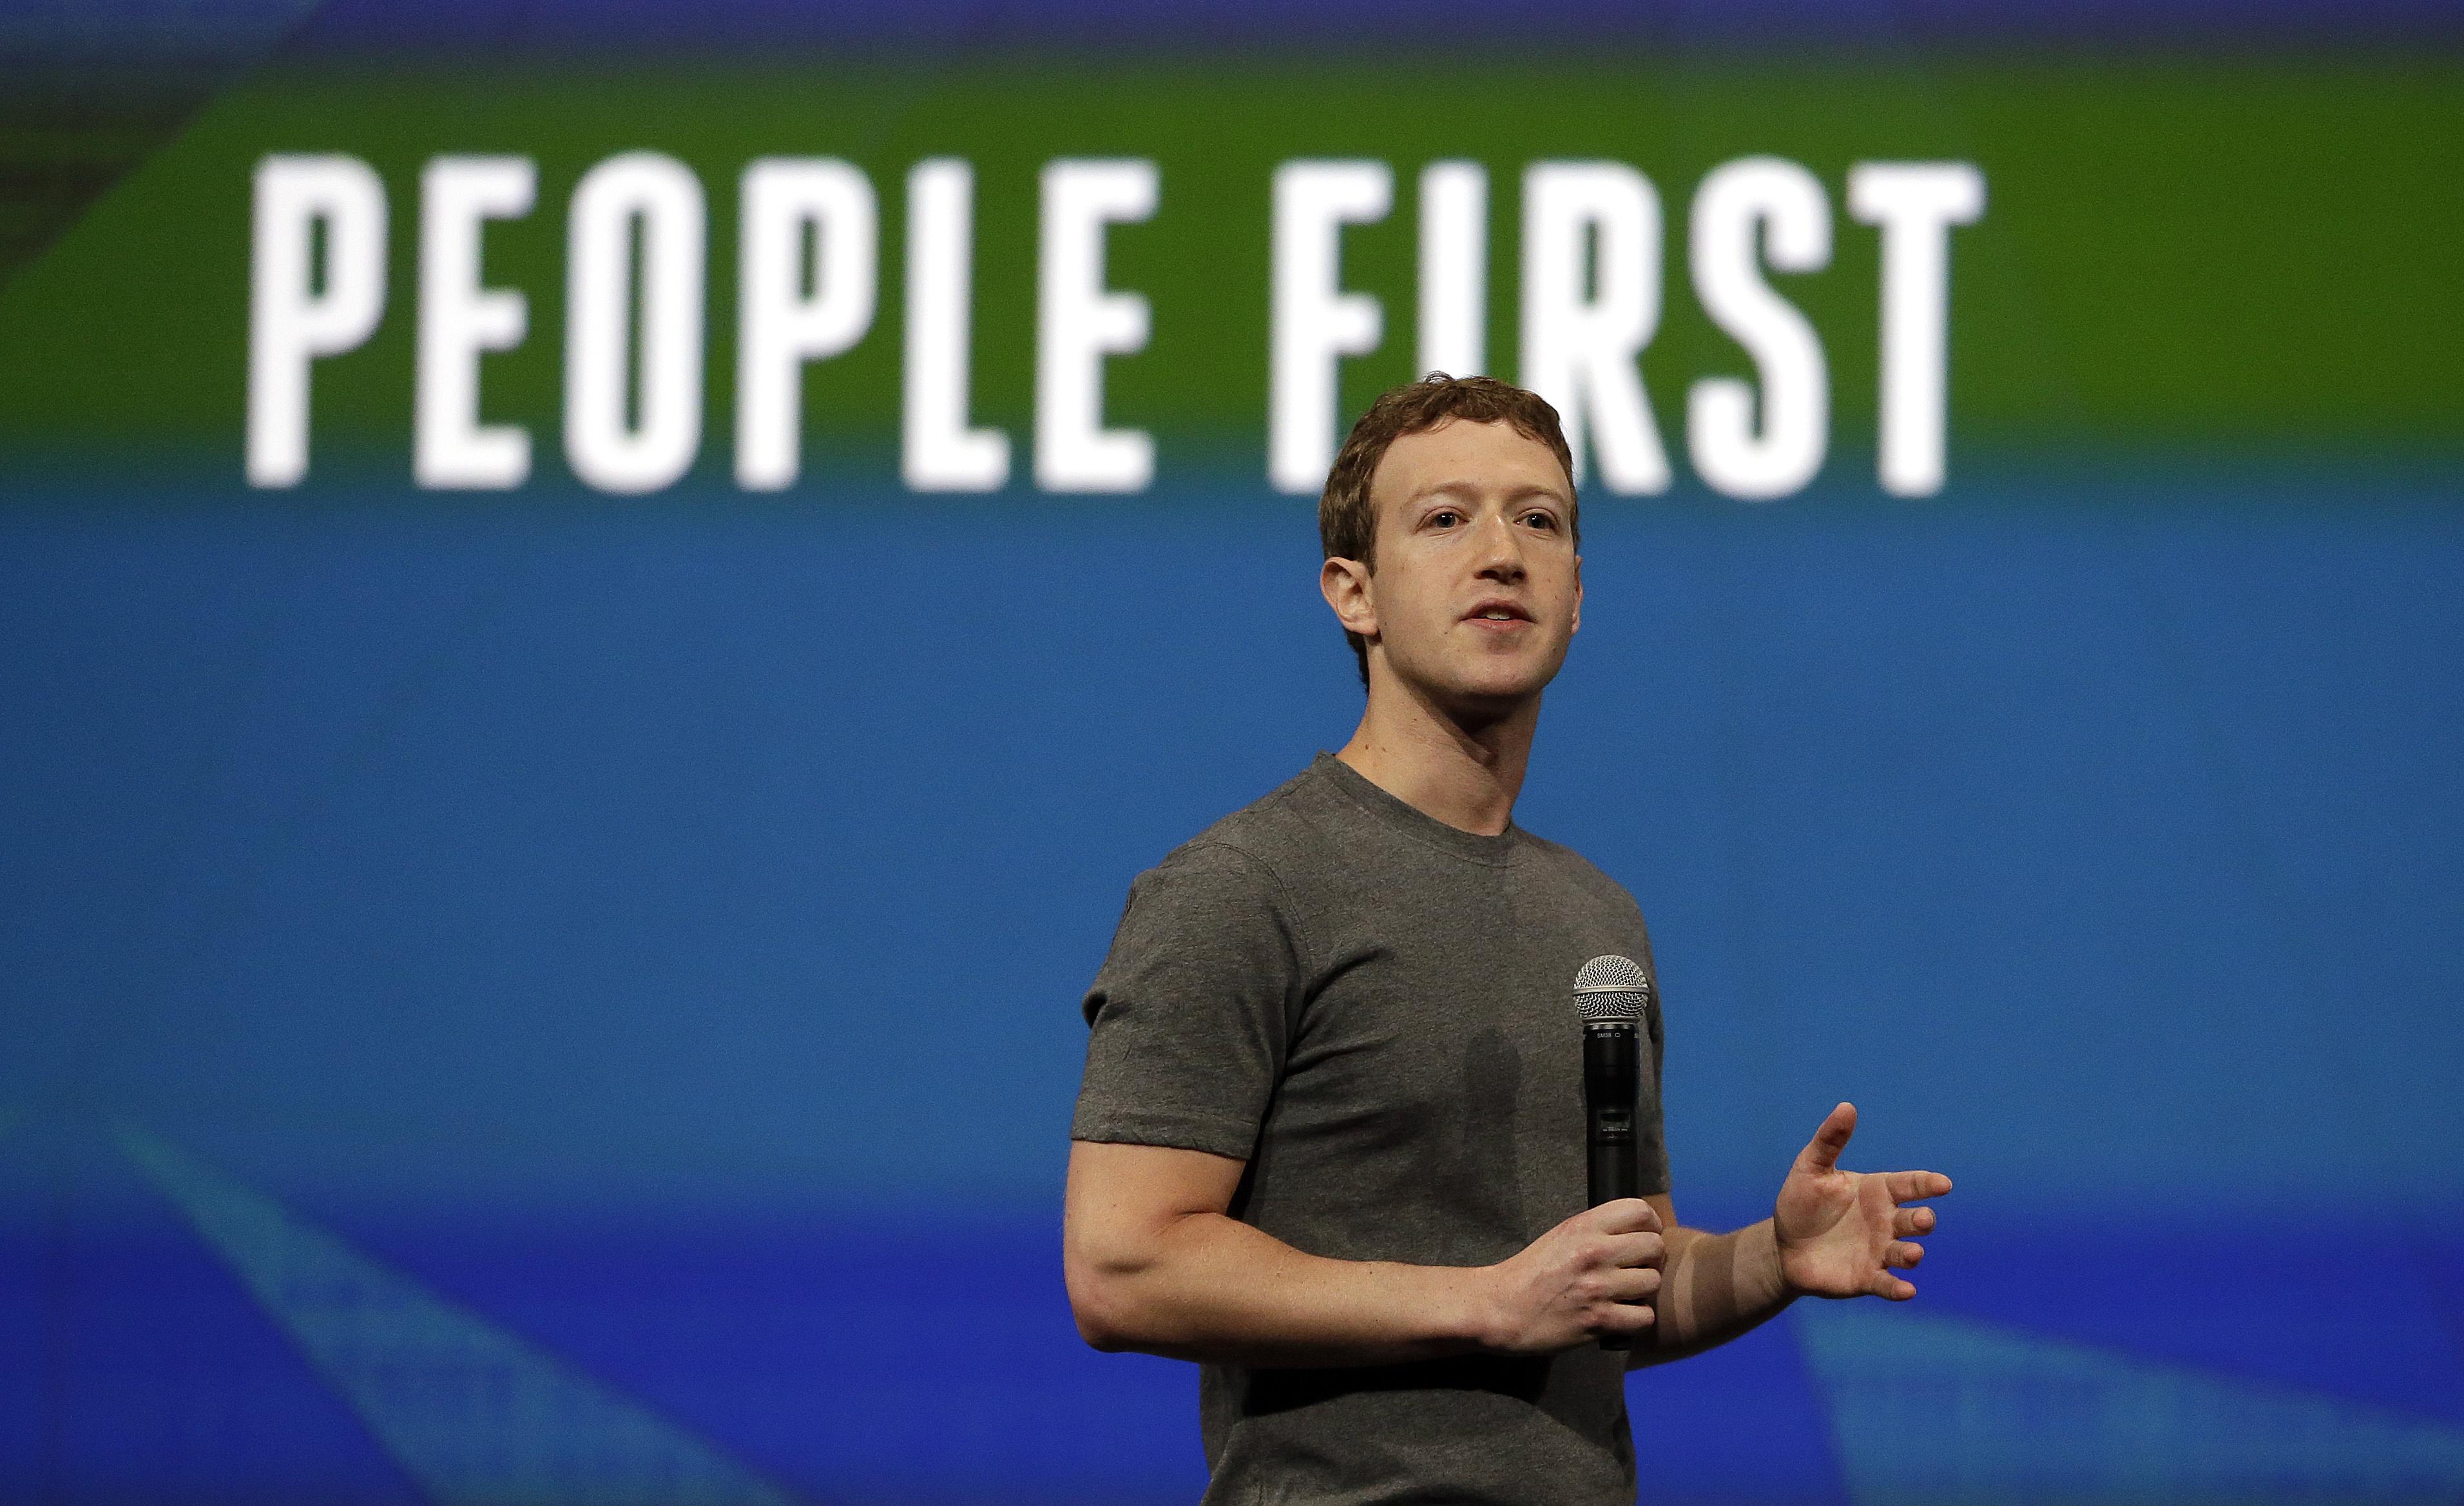 Основатель Facebook Марк Цукерберг прислушался к пожеланиям пользователей